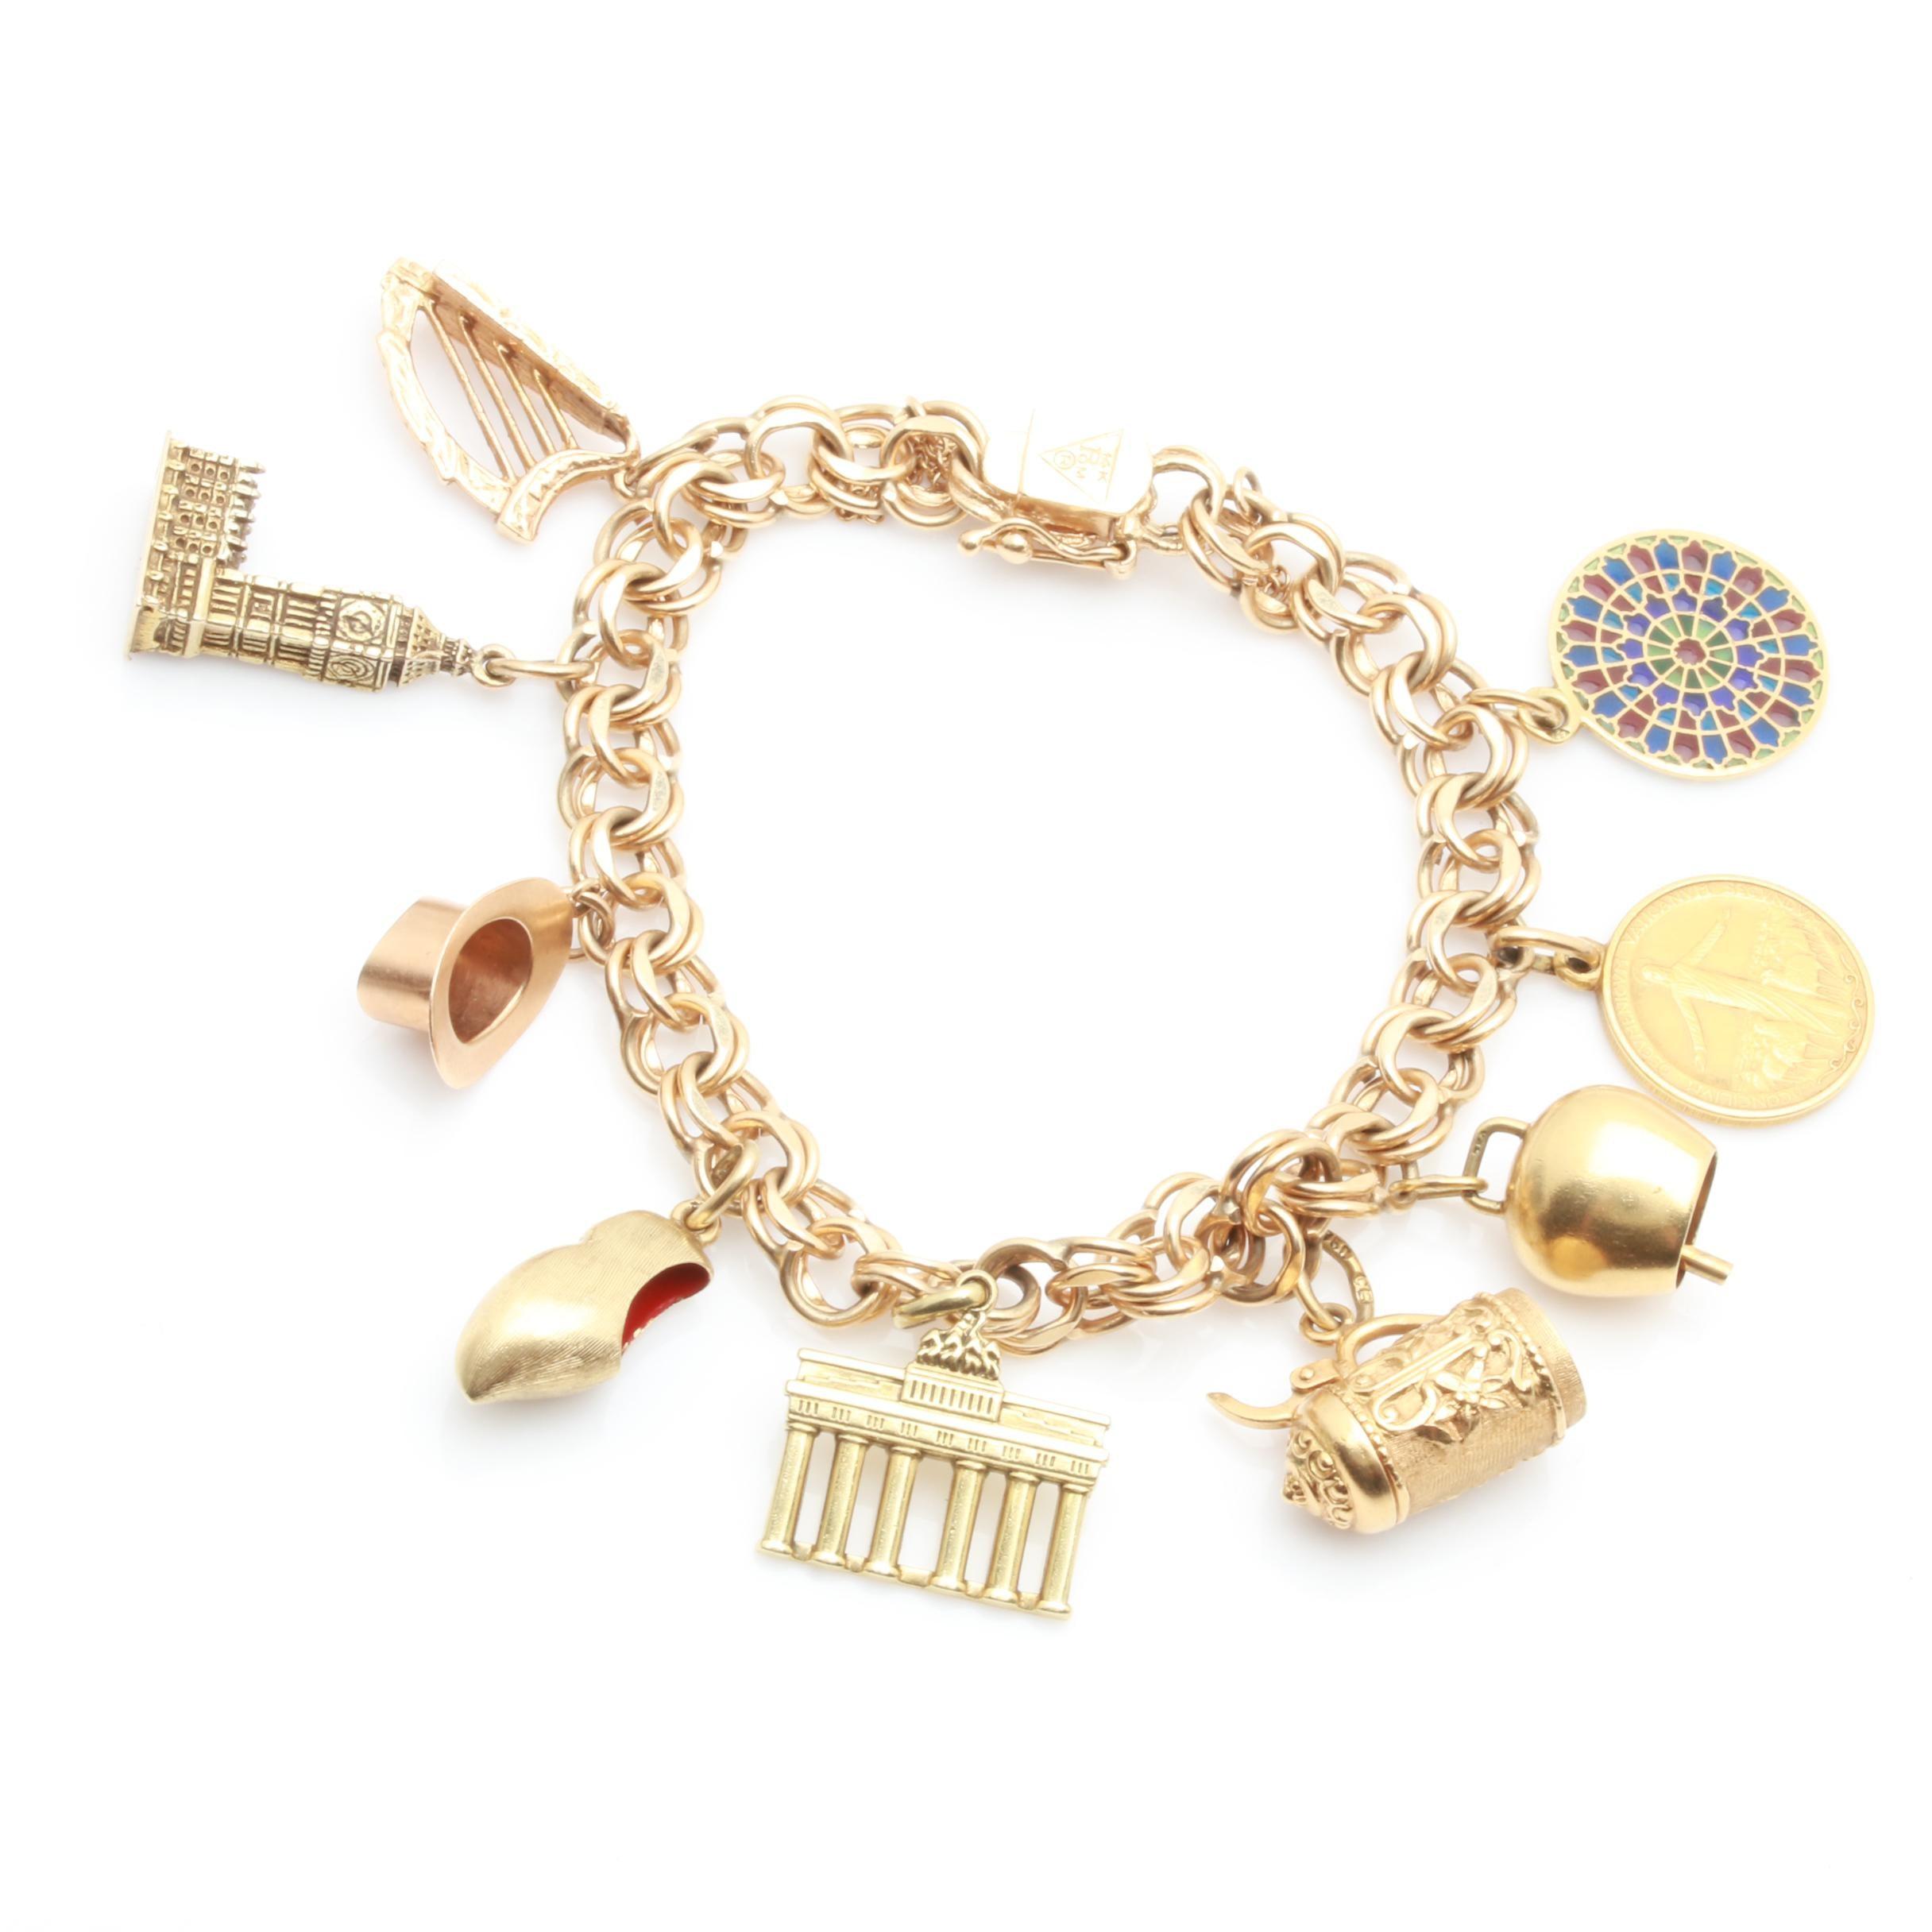 18K,14K and 9K Yellow Gold Charm Bracelet Including  Plique-à-Jour Enamel